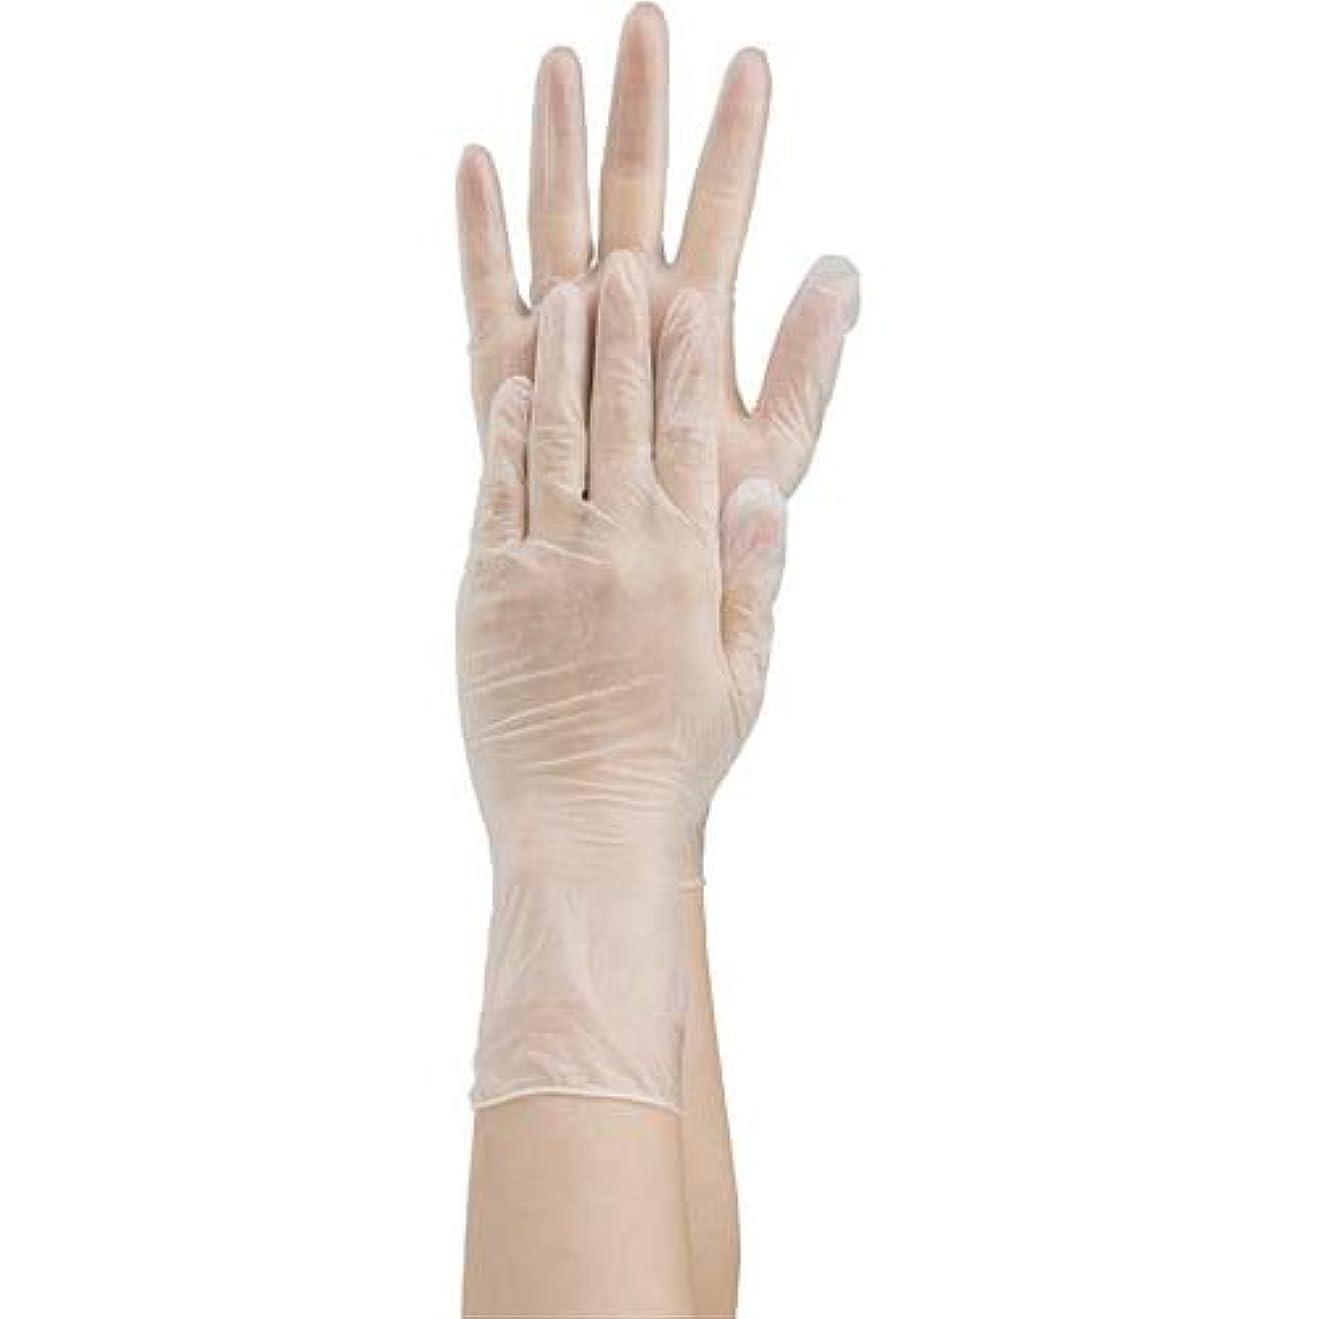 関係ない小競り合い合意共和 プラスチック手袋 粉付 No.1500 L 10箱